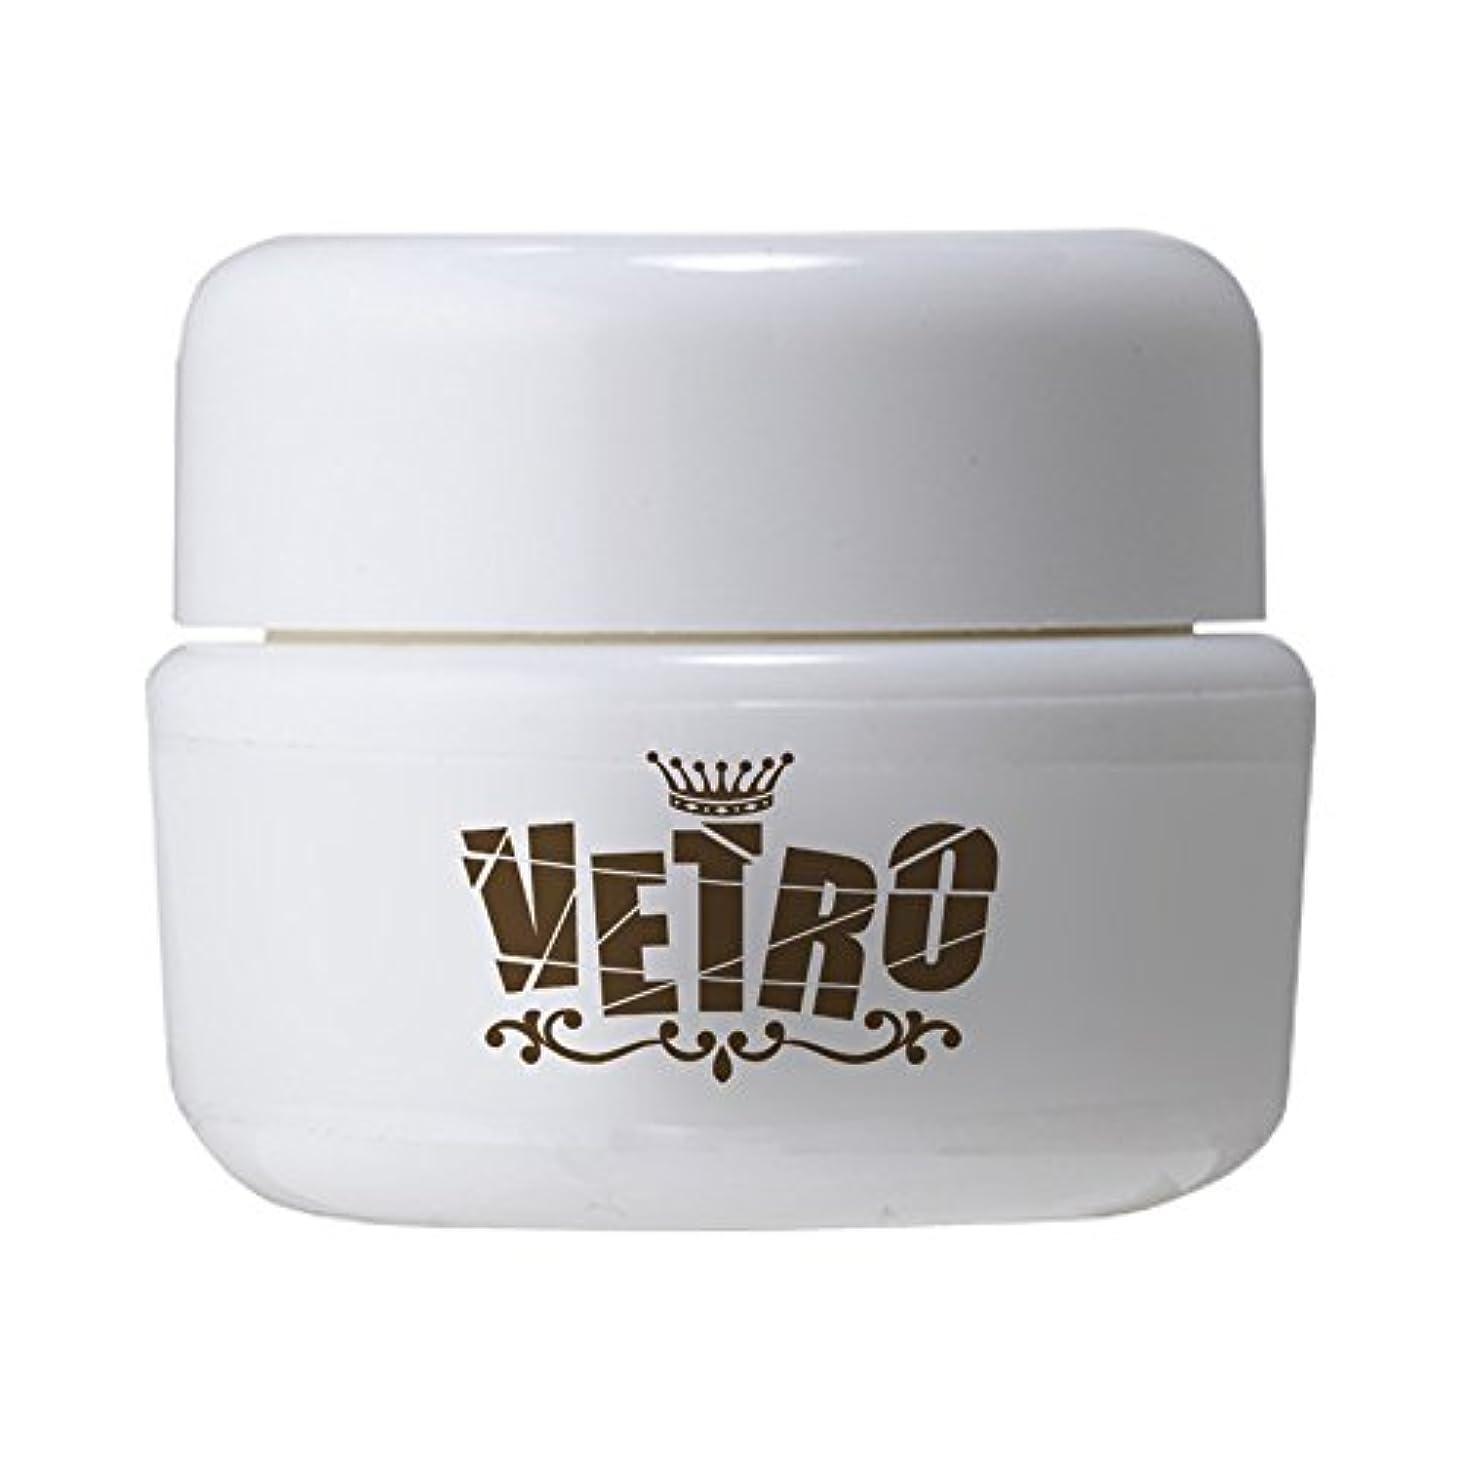 手書き到着する瞑想的VETRO カラージェル VLT905グラデホワイト 4ml テクスチャー:ソフト マット?シアー UV/LED対応